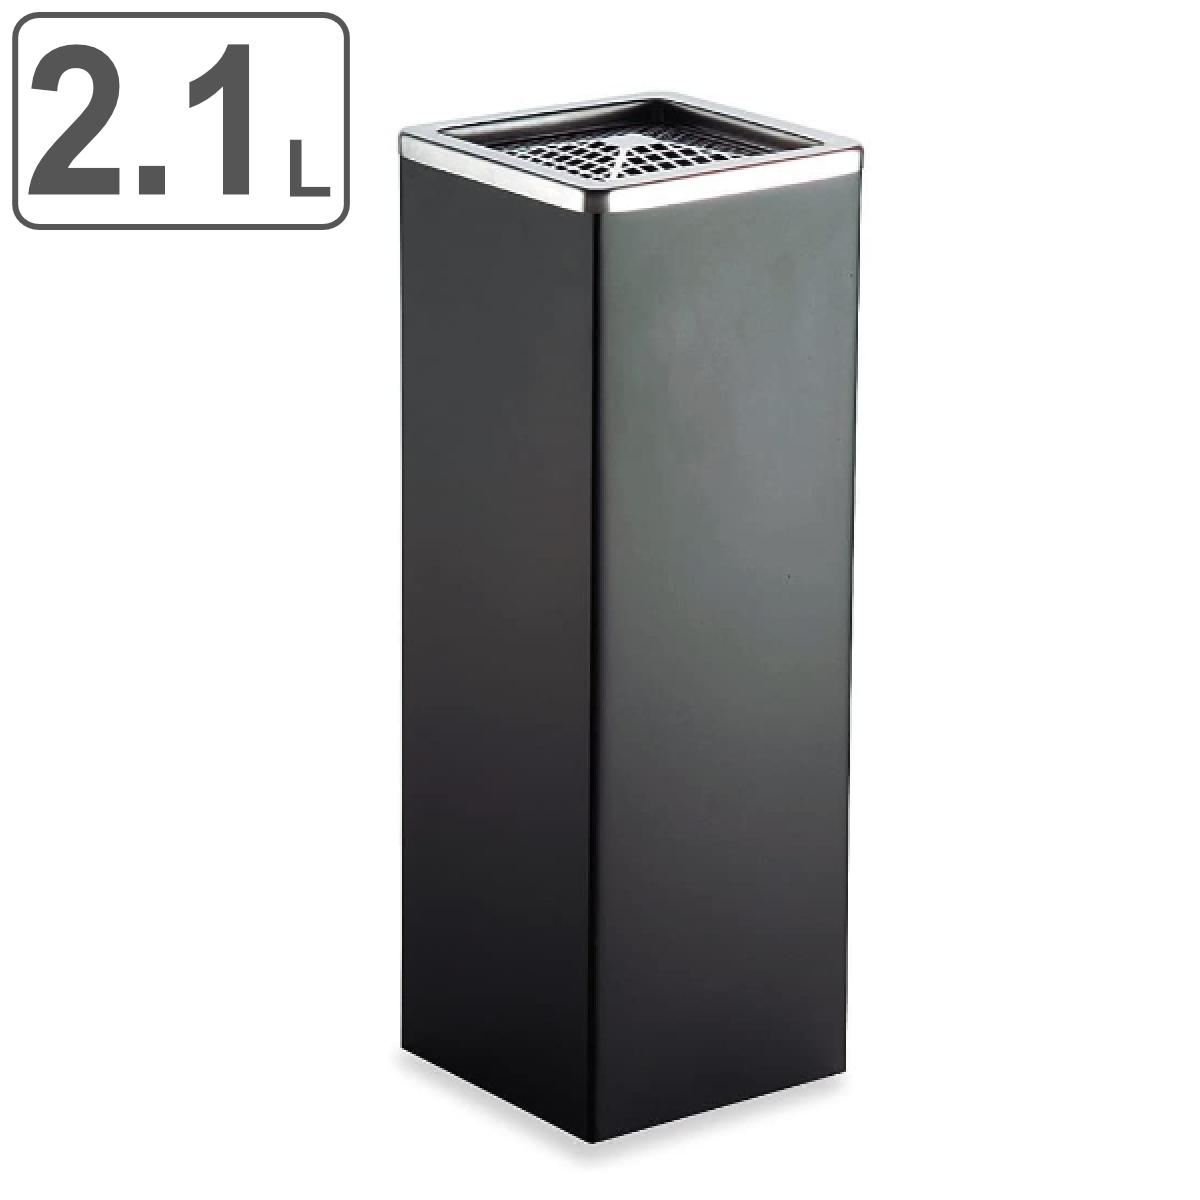 灰皿 スモーキングスタンド角型 2.1L GPX-28B ( 送料無料 吸いがら入れ ) 【5000円以上送料無料】